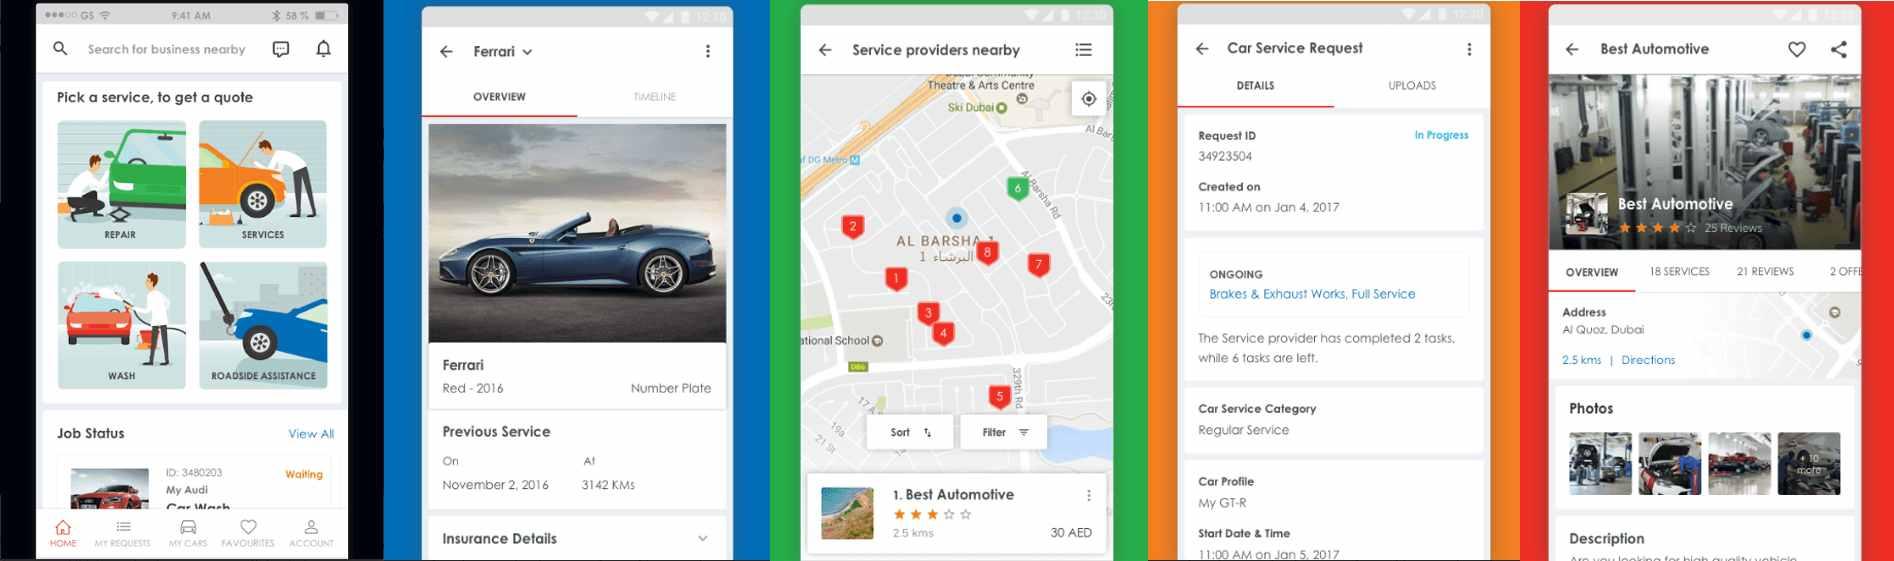 Carcility car service app Dubai